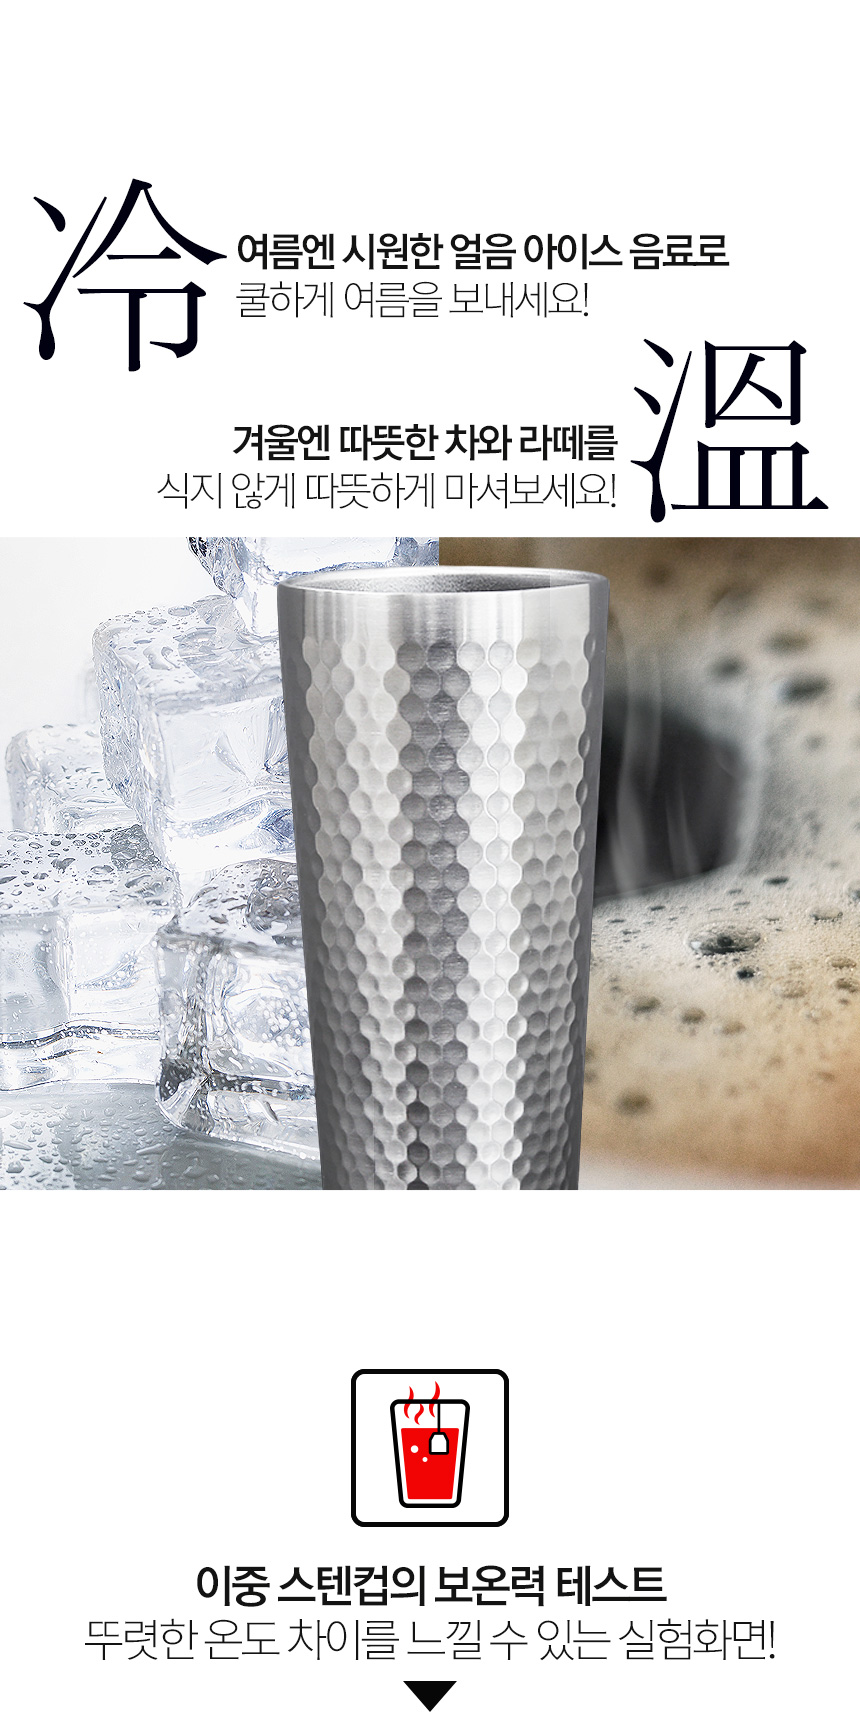 보온보냉 이중 스텐 냉장고컵 510ML - 홈앤하우스, 15,000원, 보틀/텀블러, 스테인레스 텀블러